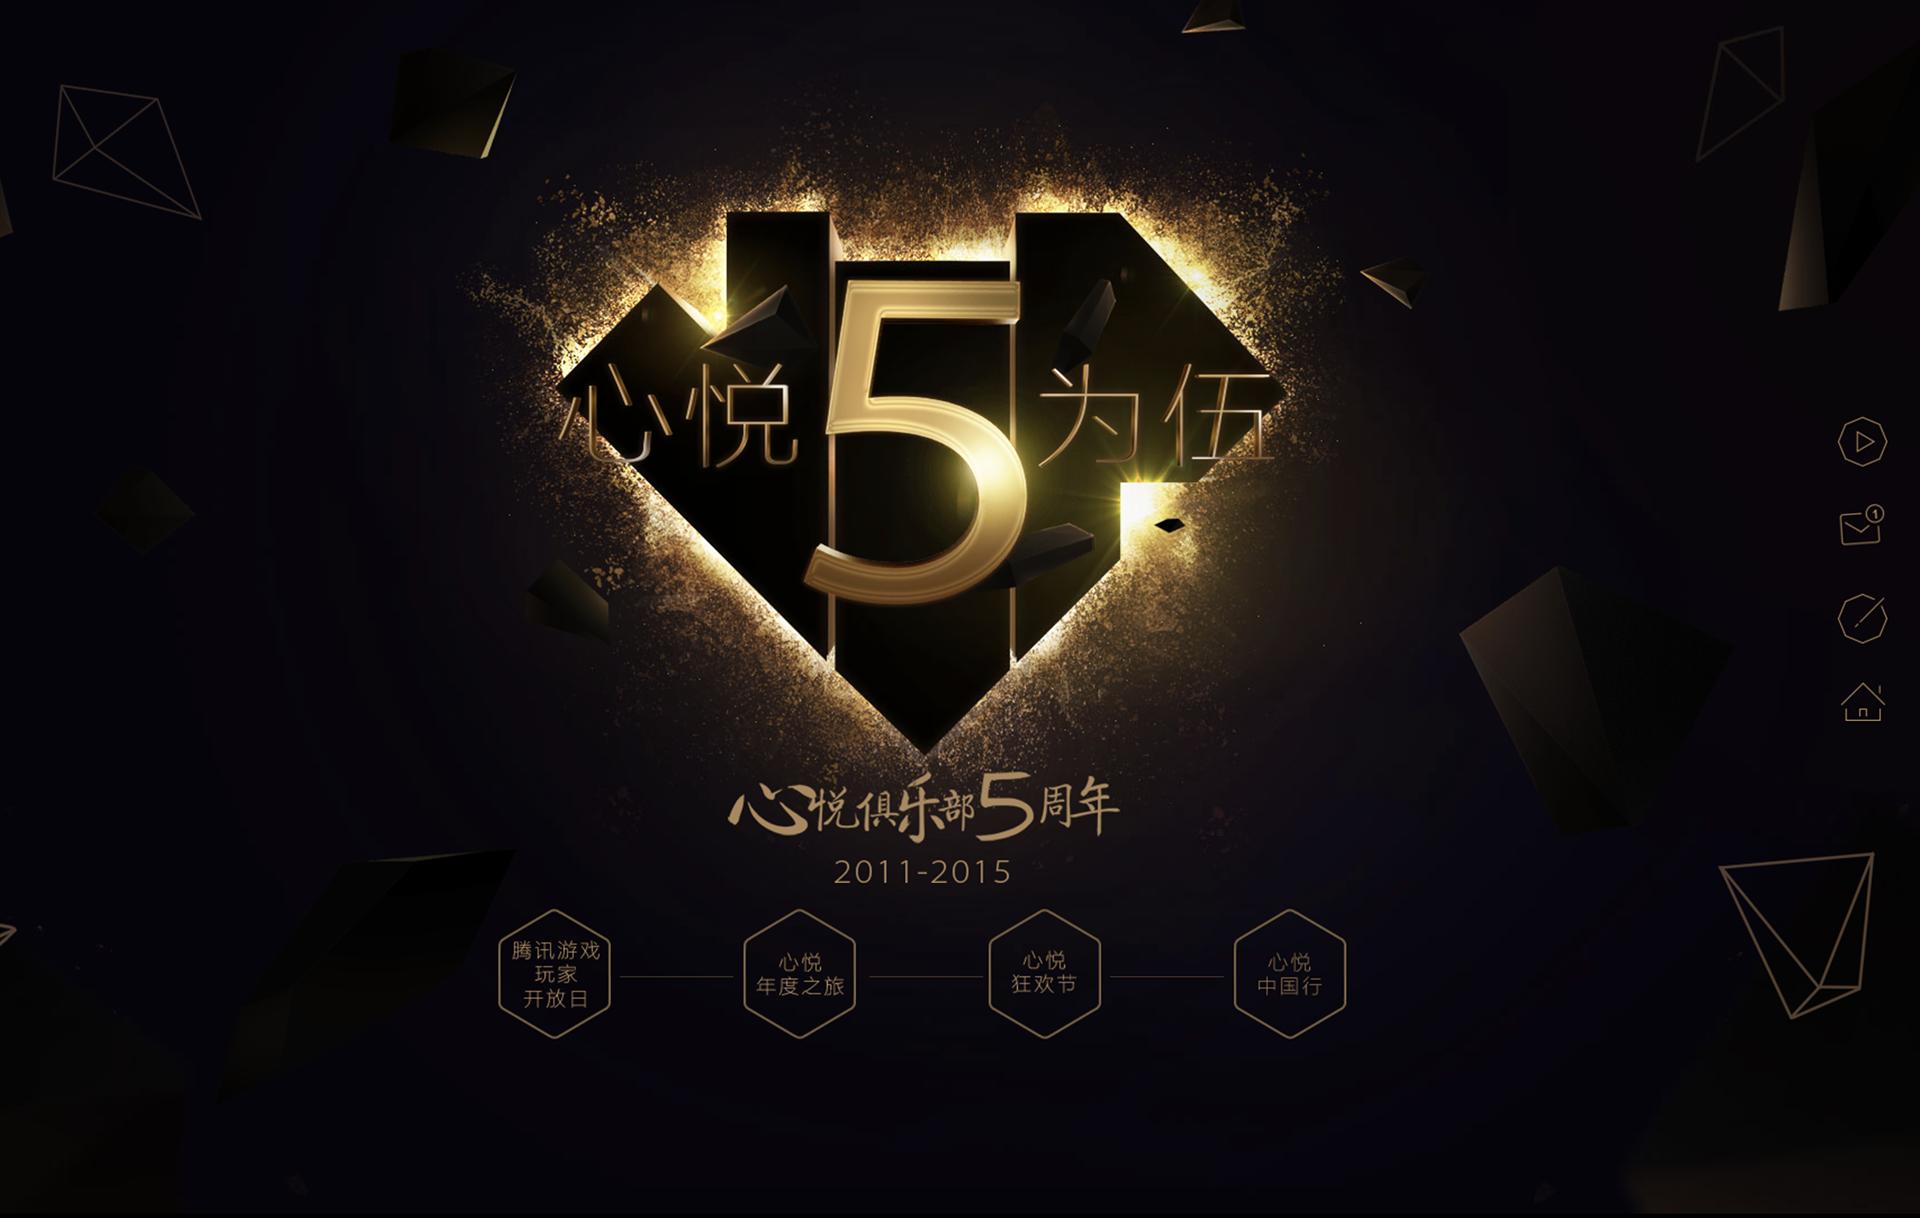 家电/游戏类的banner或专题页设计经常会用到这种高光金属质感的字体